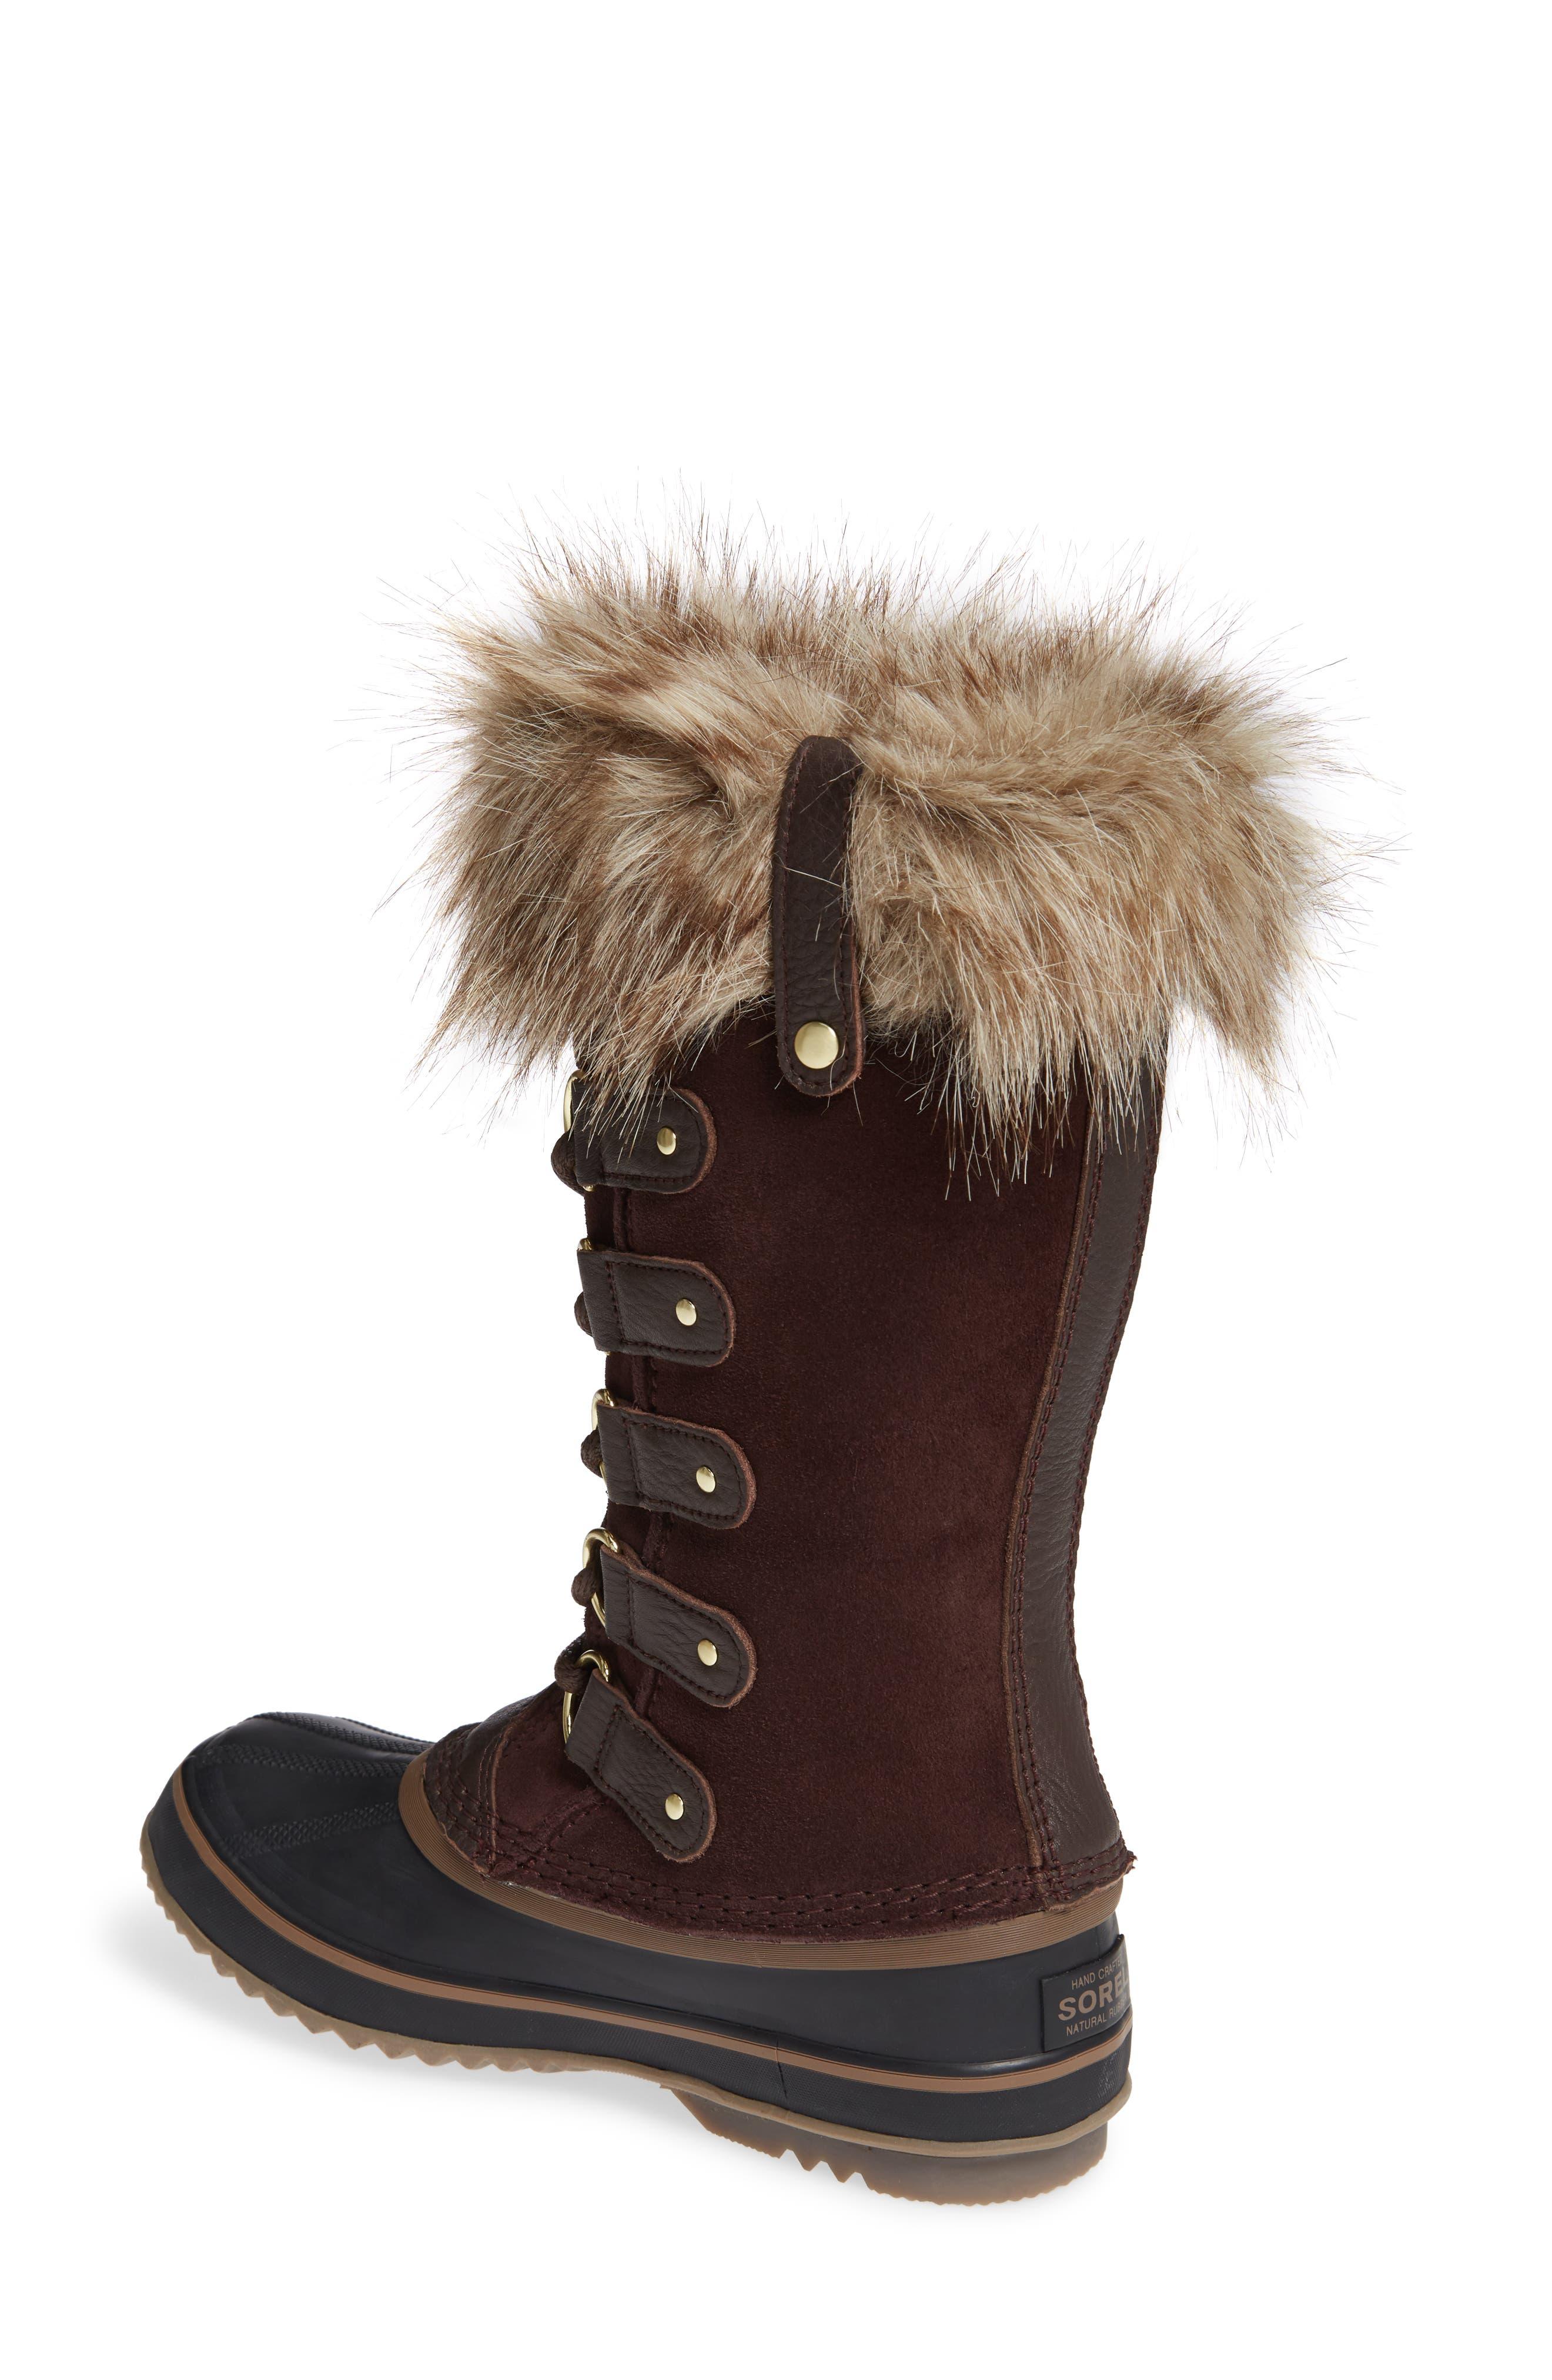 SOREL, 'Joan of Arctic' Waterproof Snow Boot, Alternate thumbnail 2, color, 201